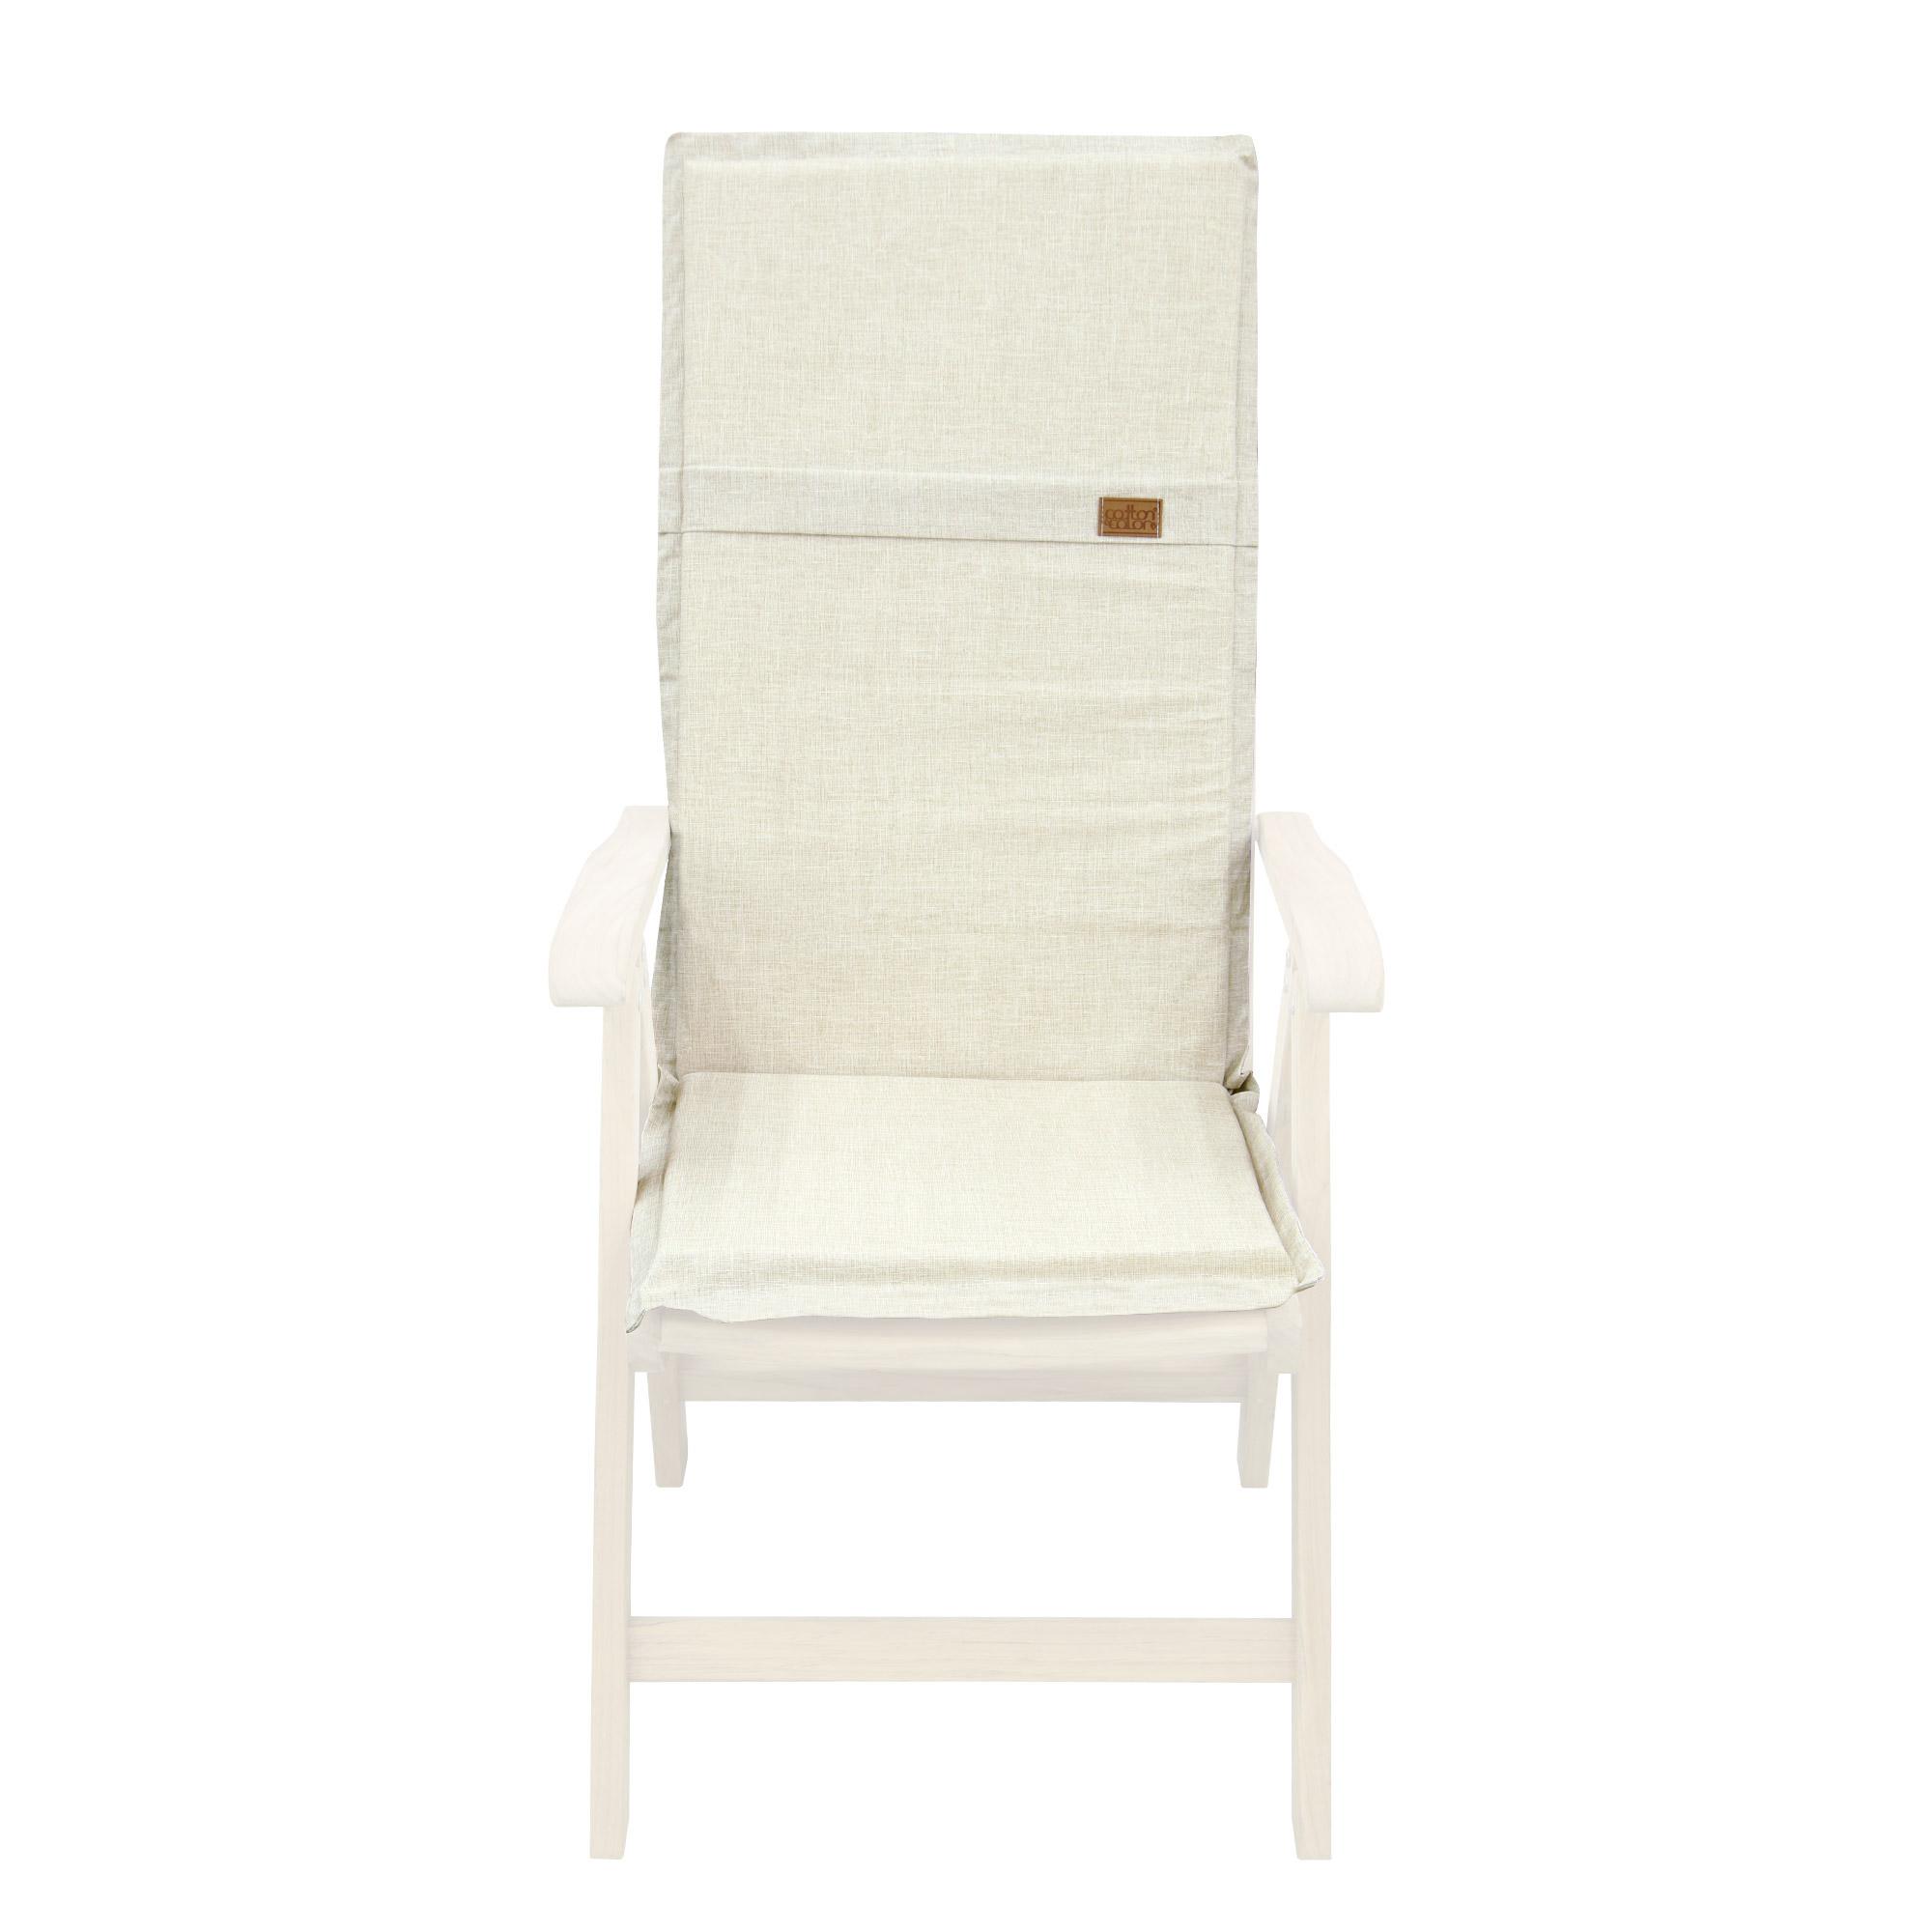 Подушка для кресла Morbiflex высокая спинка 125x52